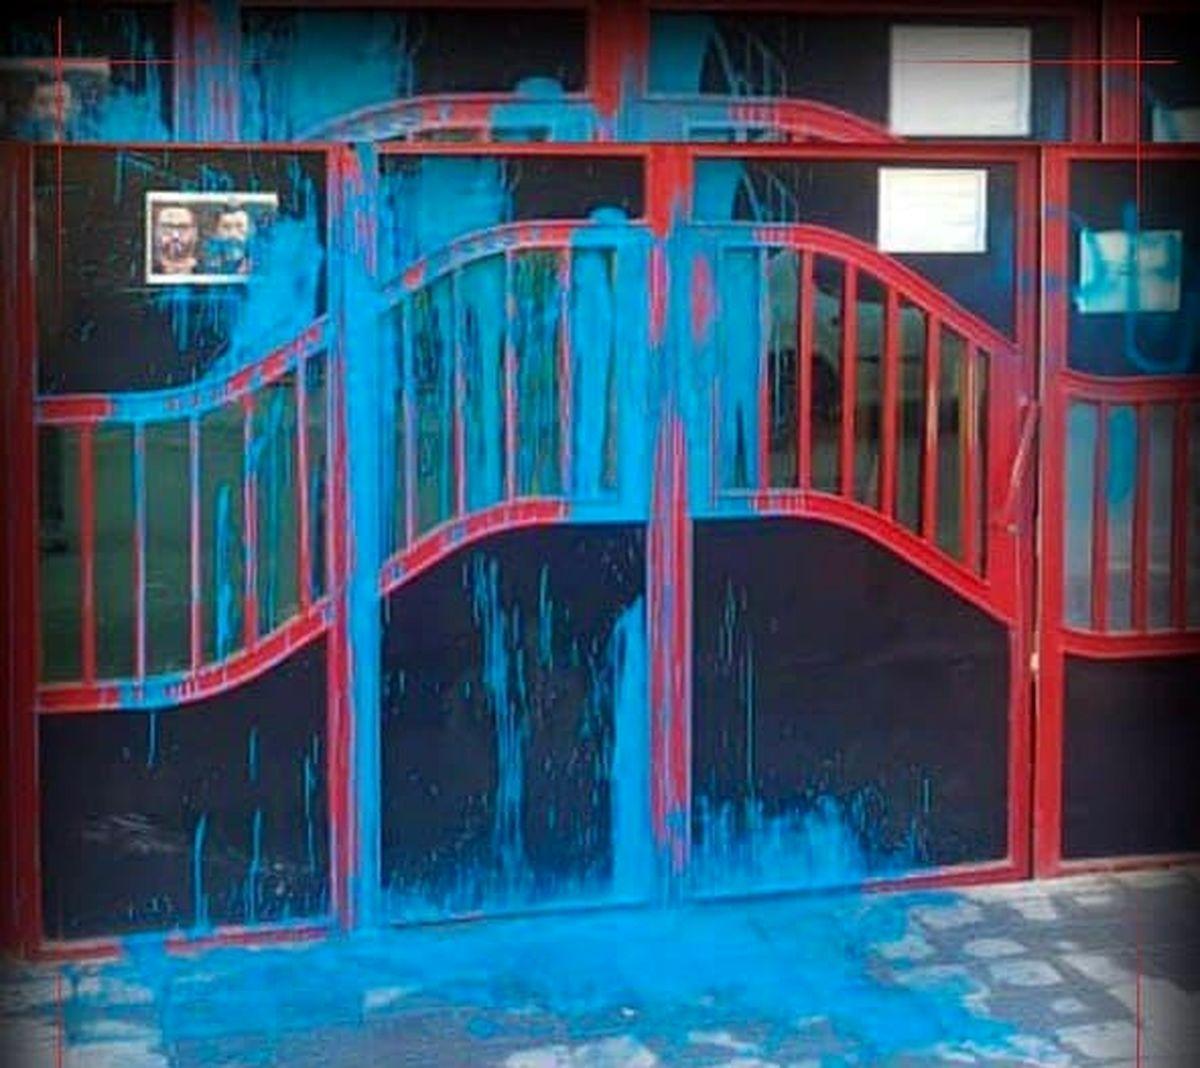 حمله با رنگ آبی به باشگاه پرسپولیس!